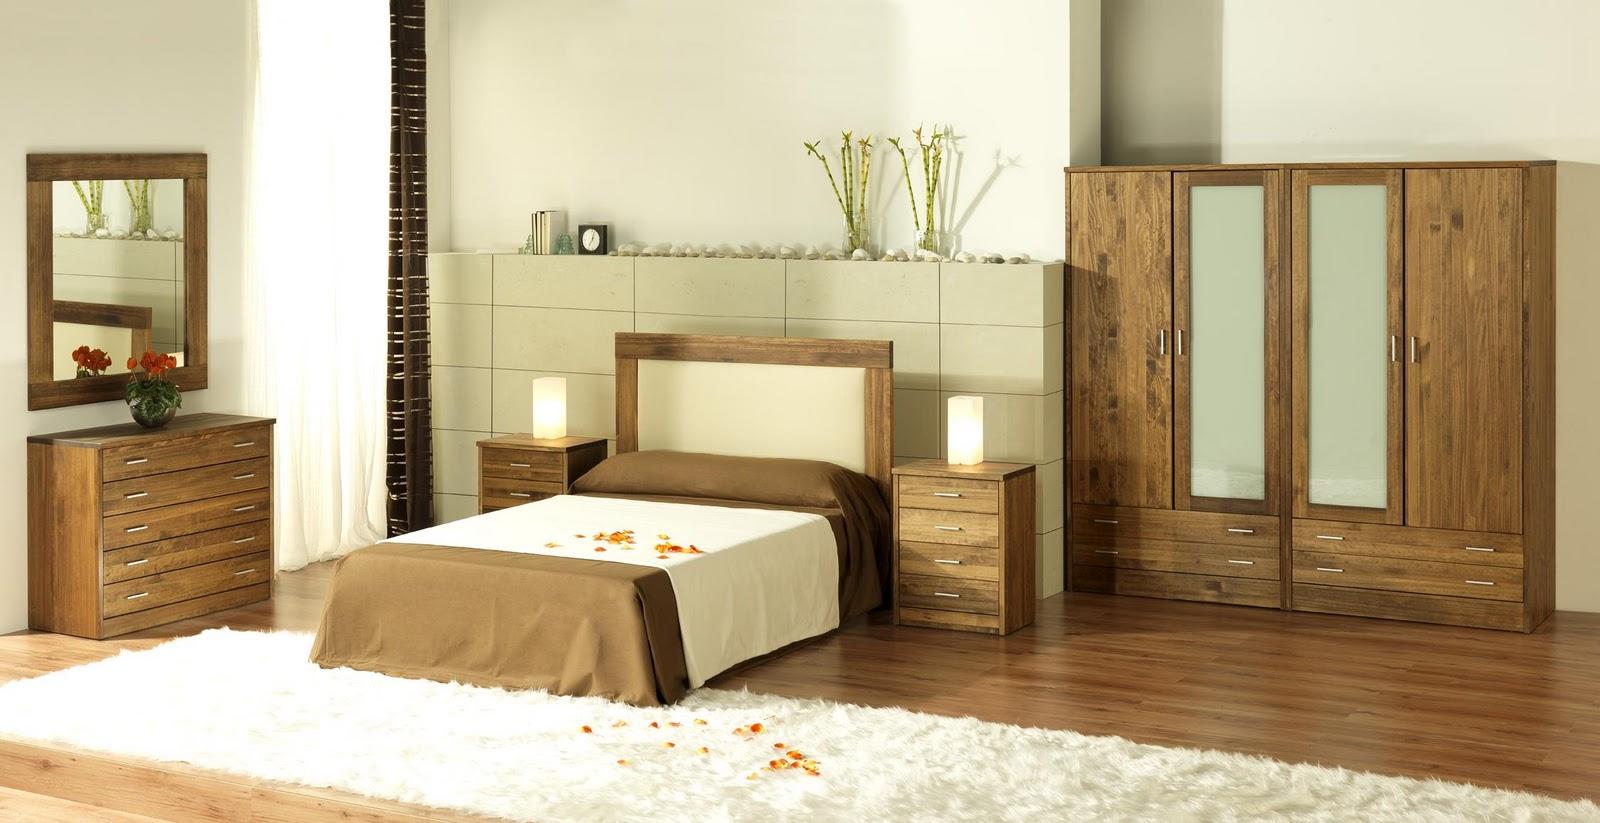 Muebles toscapino dormitorios - Dormitorios clasicos modernos ...